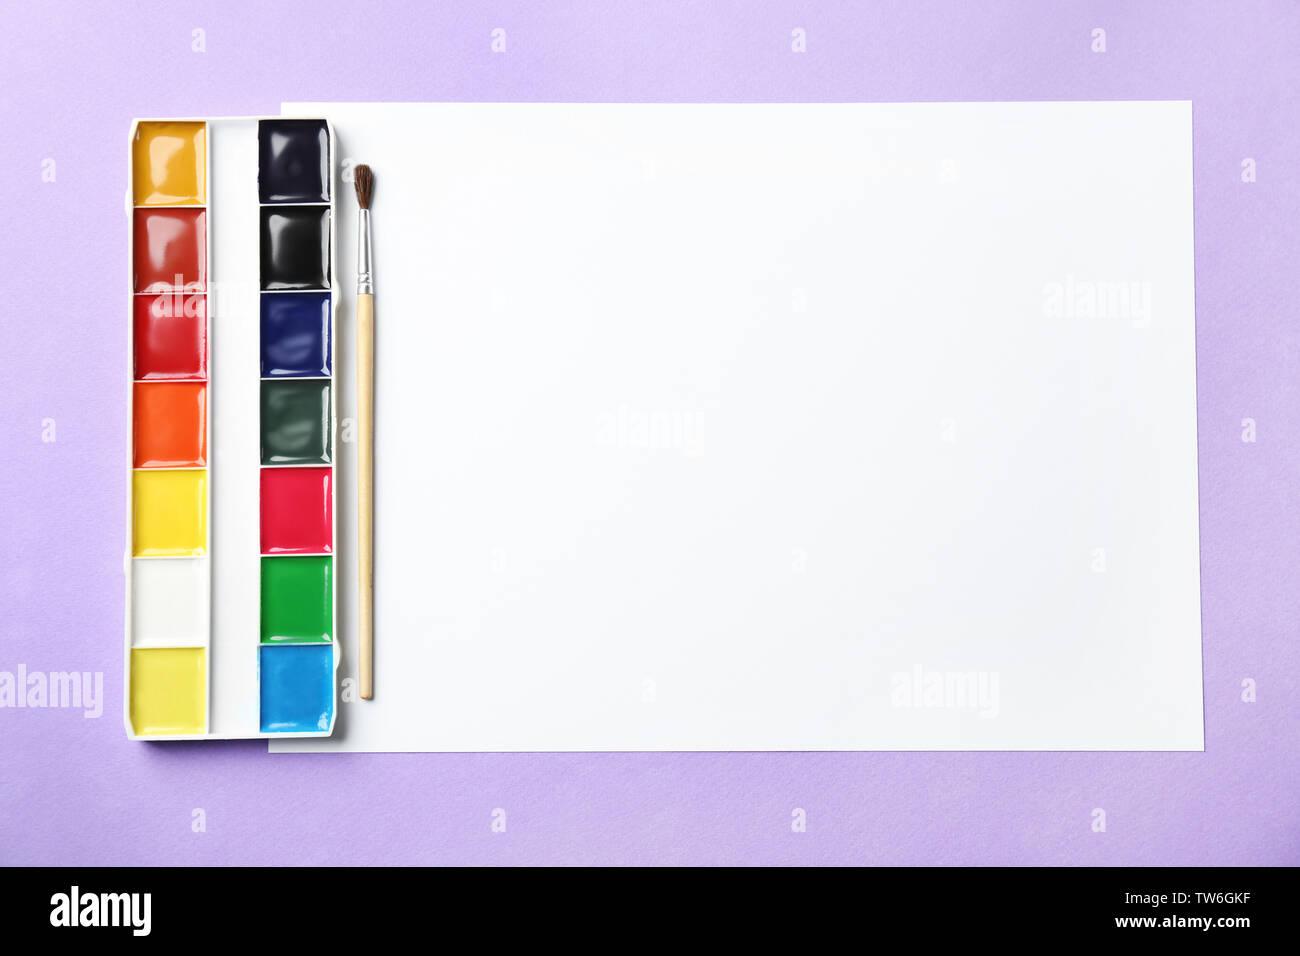 Feuille De Papier Vierge Et D Aquarelles Sur Fond Violet Photo Stock Alamy